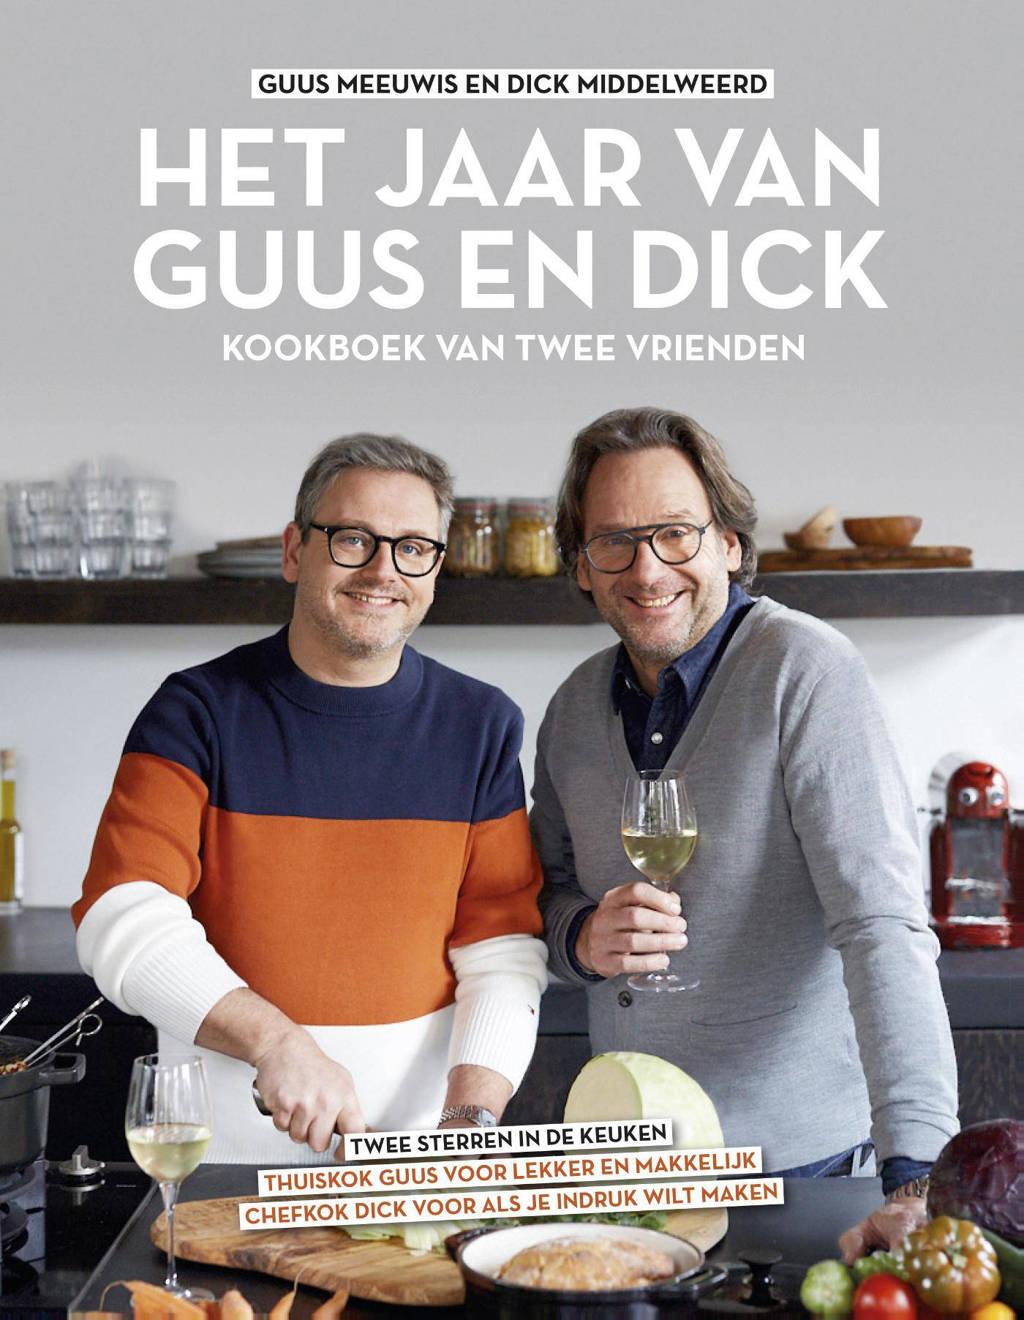 Het jaar van Guus en Dick - Guus Meeuwis en Dick Middelweerd